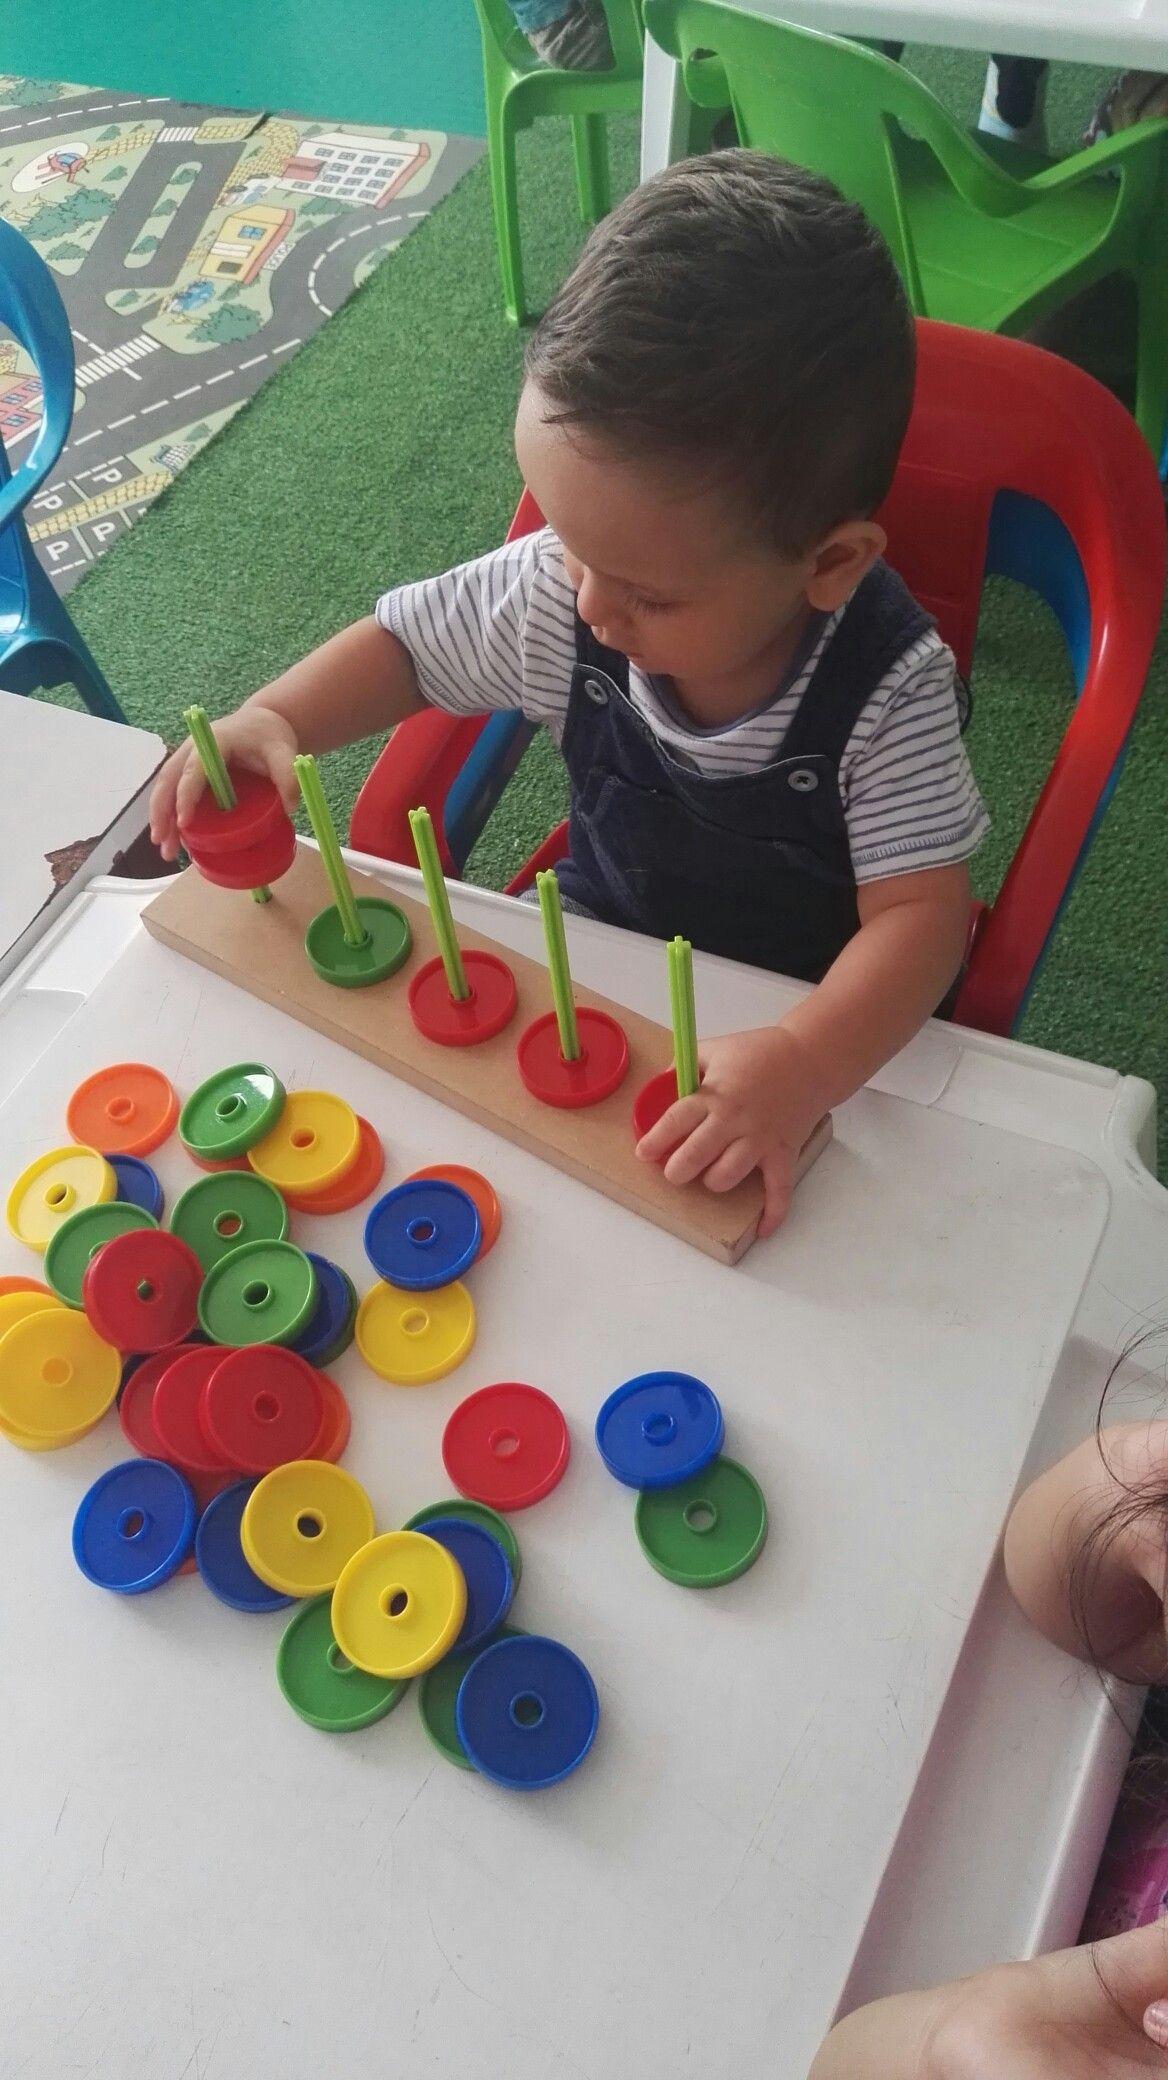 Atividades Infantil Criancas Aprendendo Atividades Para Criancas Pequenas Brincadeiras Educacao Infantil